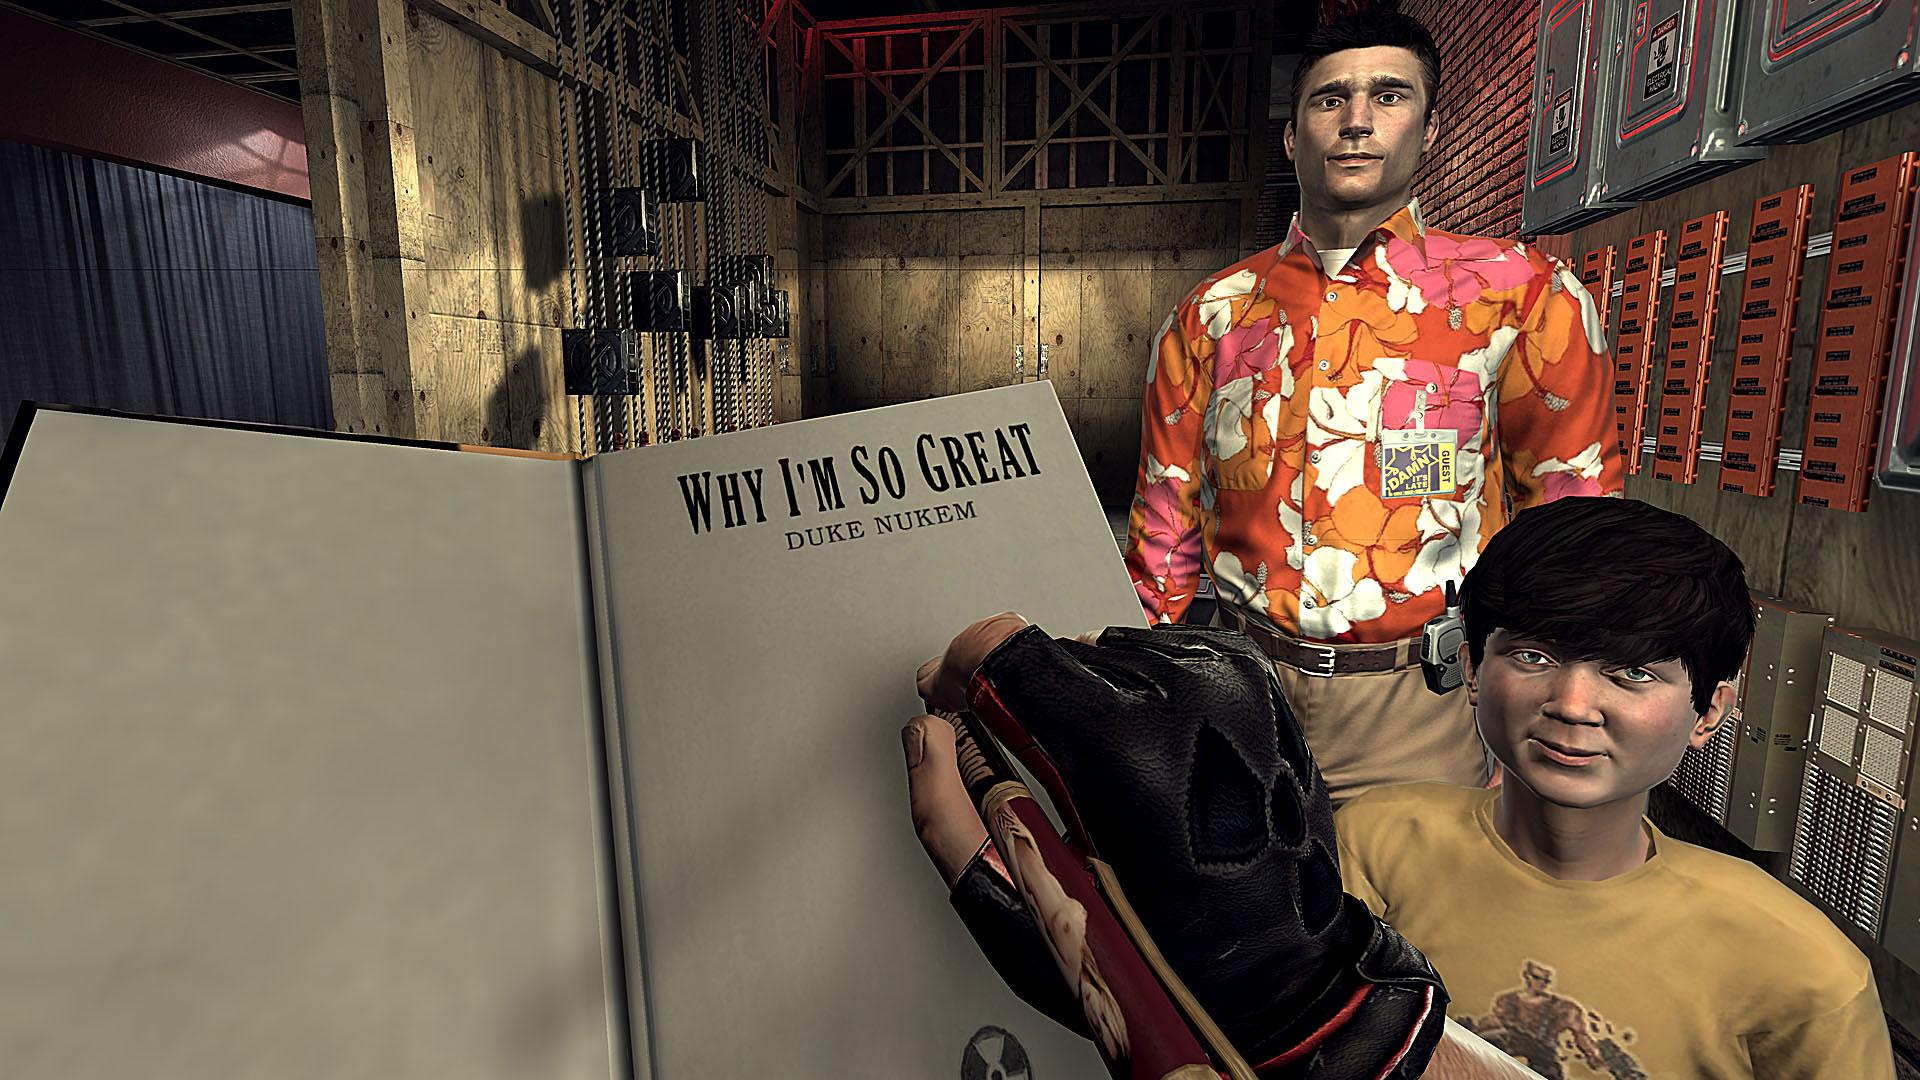 duke-nukem-vegas-screenshots-01.jpg